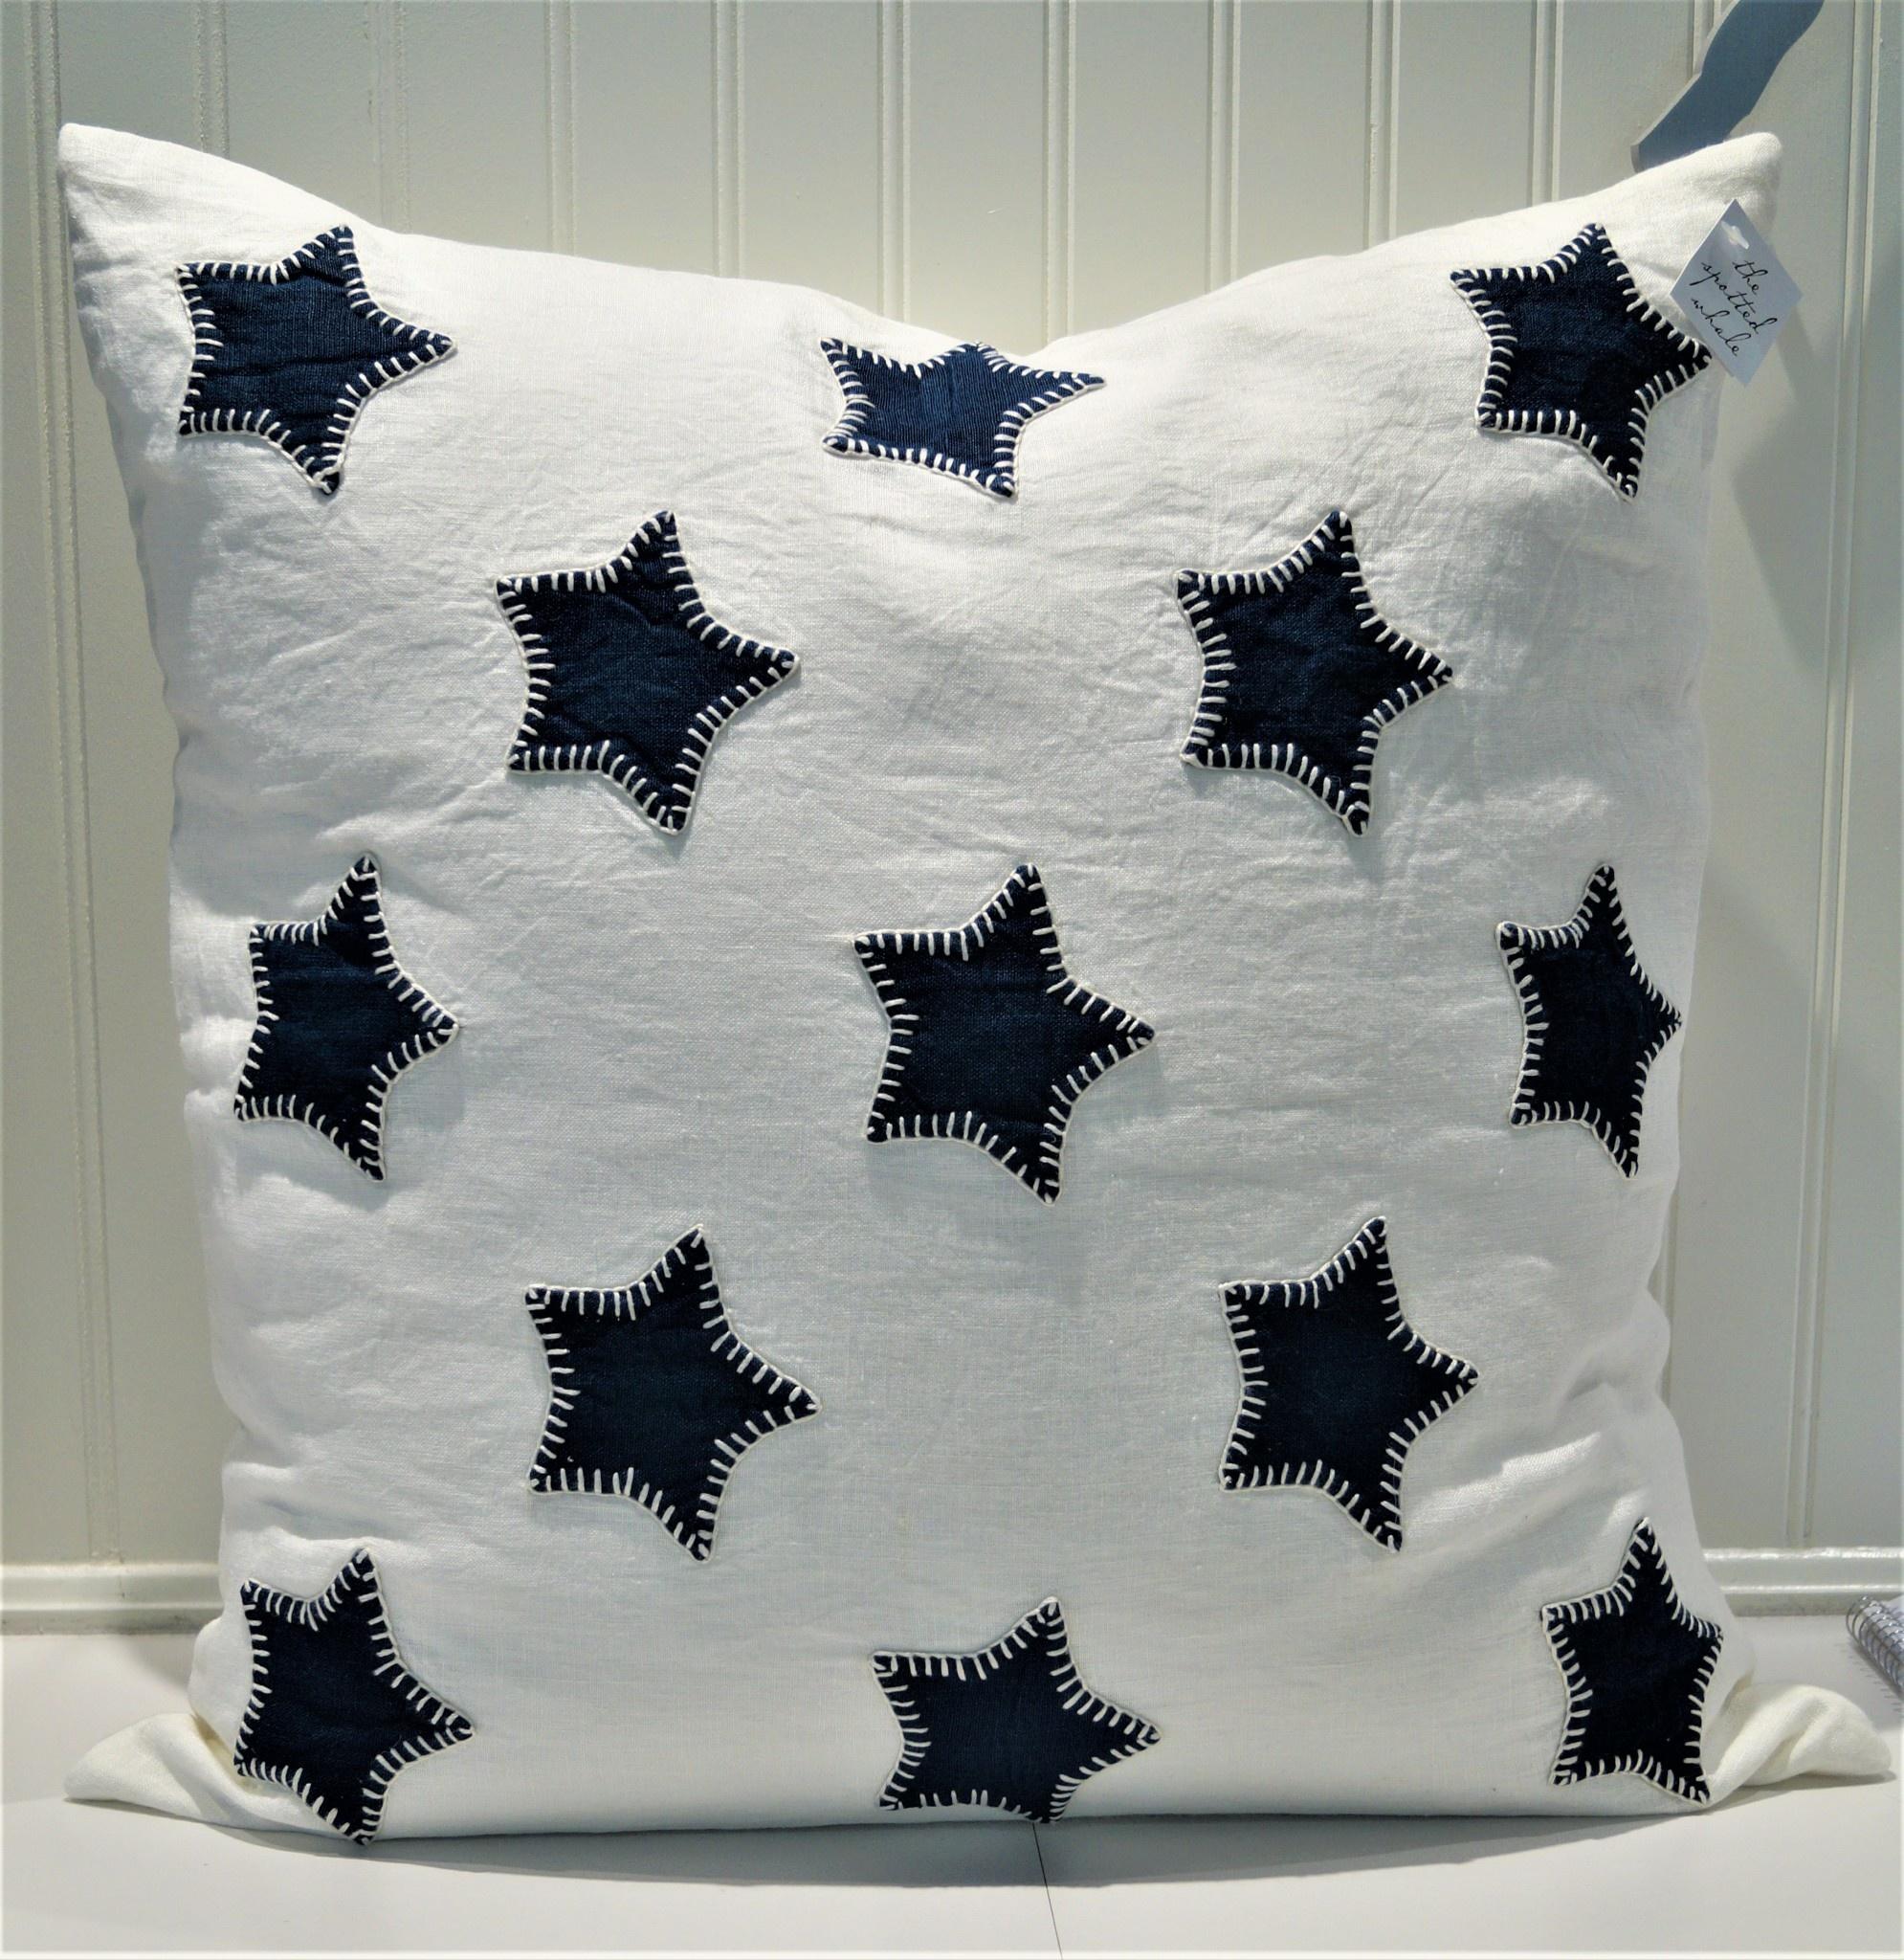 Indigo Stars Applique on White Linen Pillow 21x21